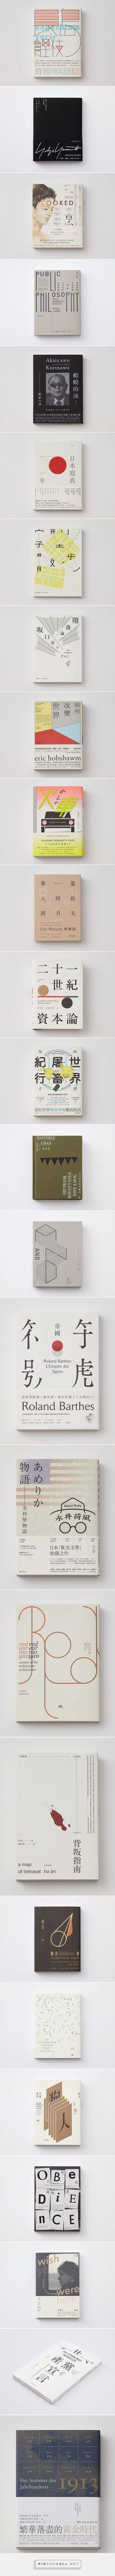 王志弘「書」寫下關於 2014 的精選「封」情 » ㄇㄞˋ點子靈感創意誌 - created via https://pinthemall.net